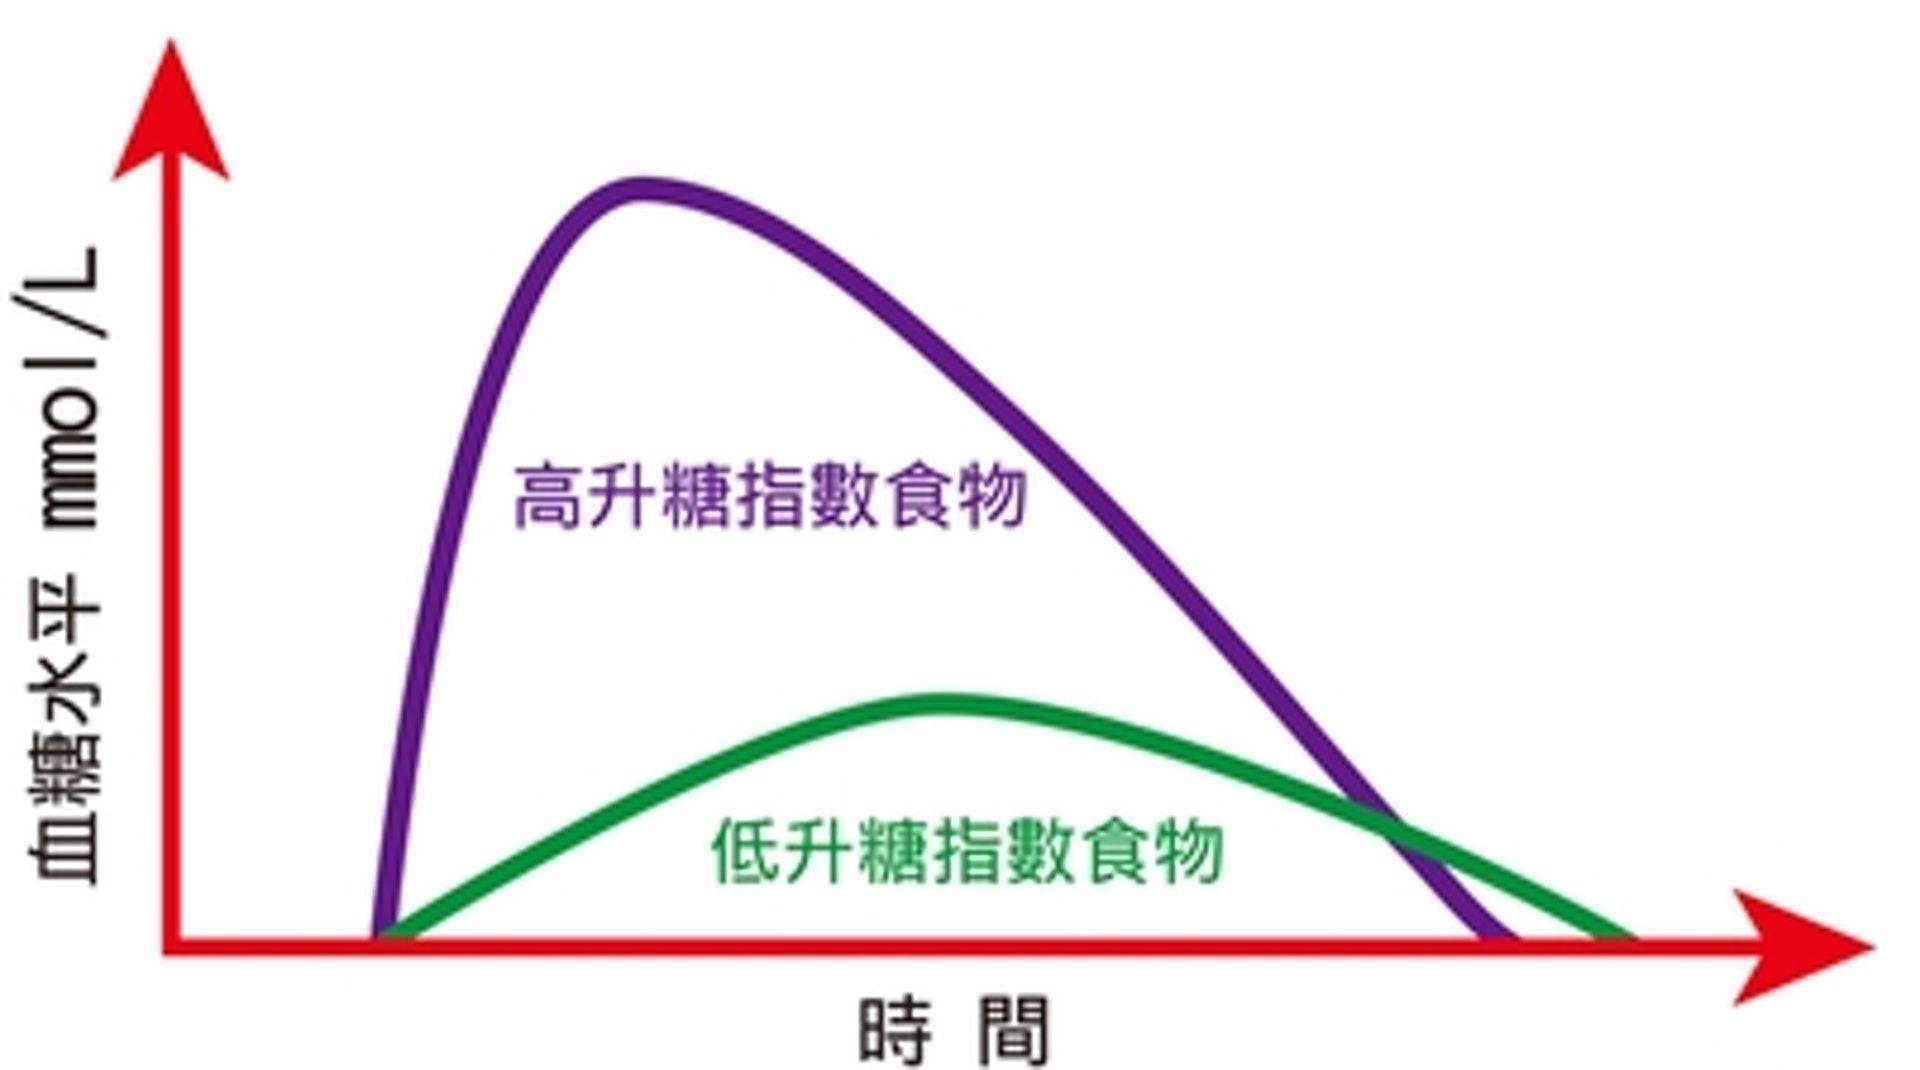 血糖水平與升糖指數的關係。(圖片:diabetes-hk)